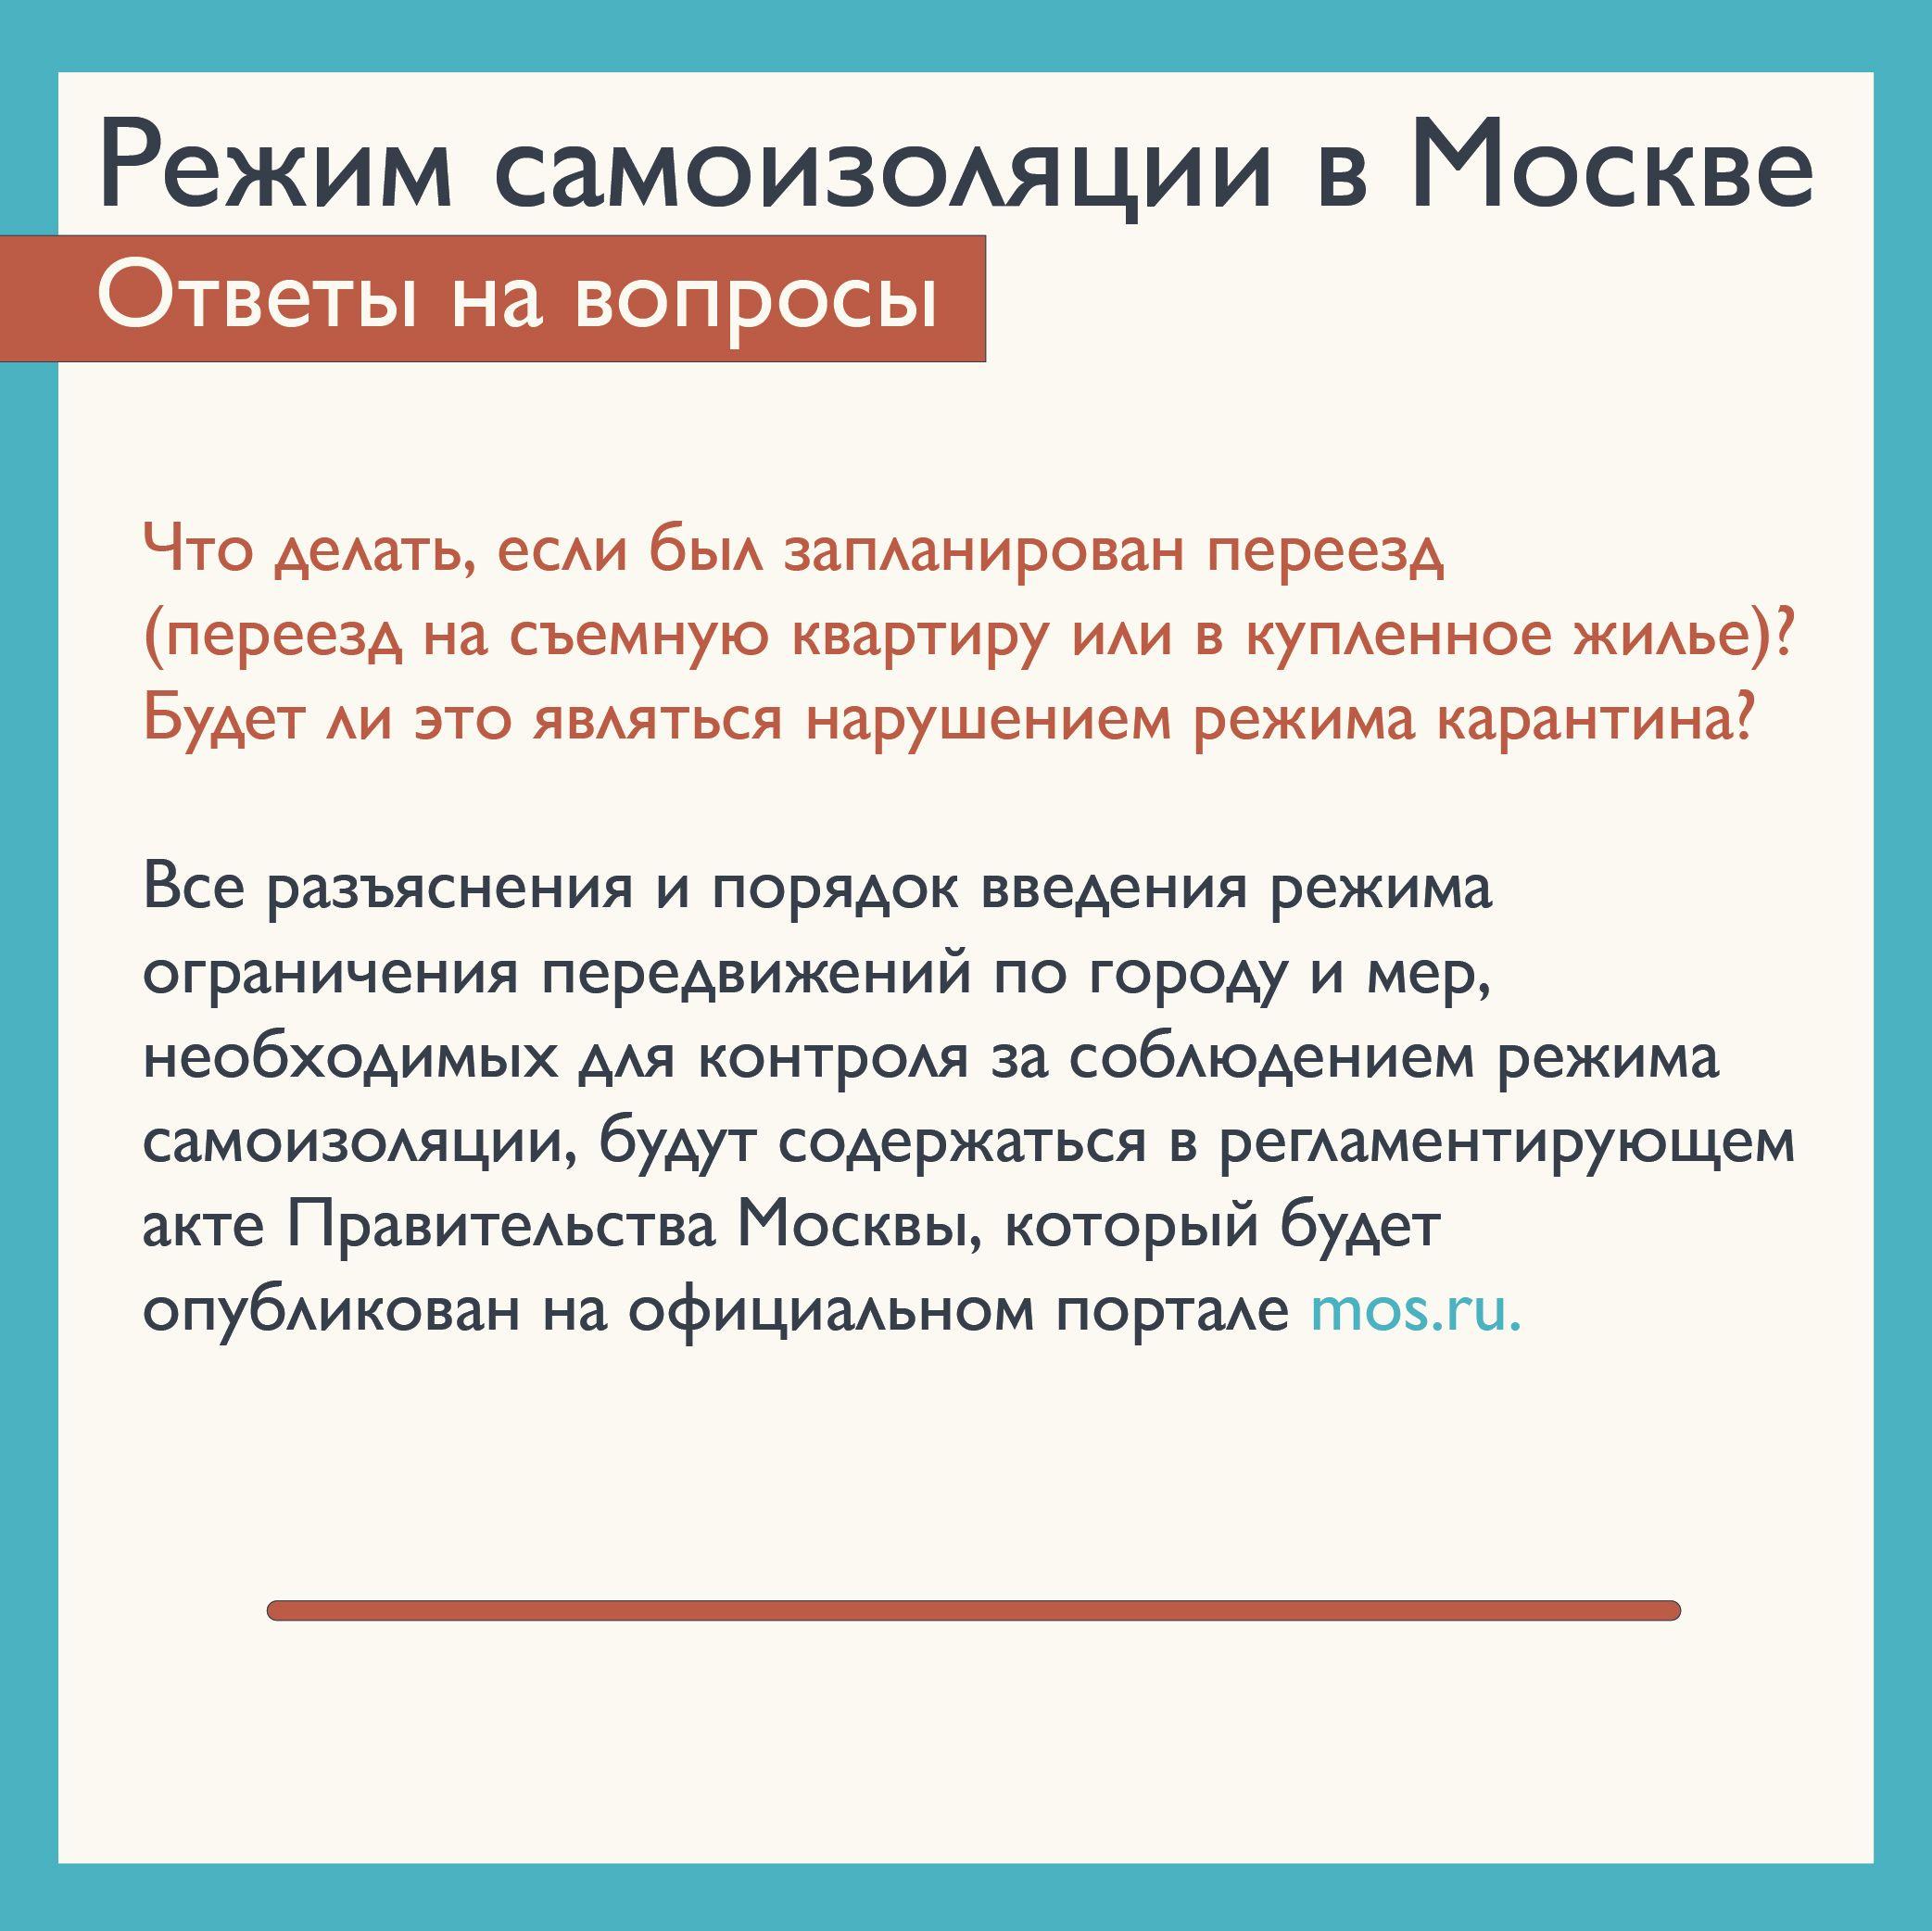 Москвичам напомнили о правилах соблюдения самоизоляции